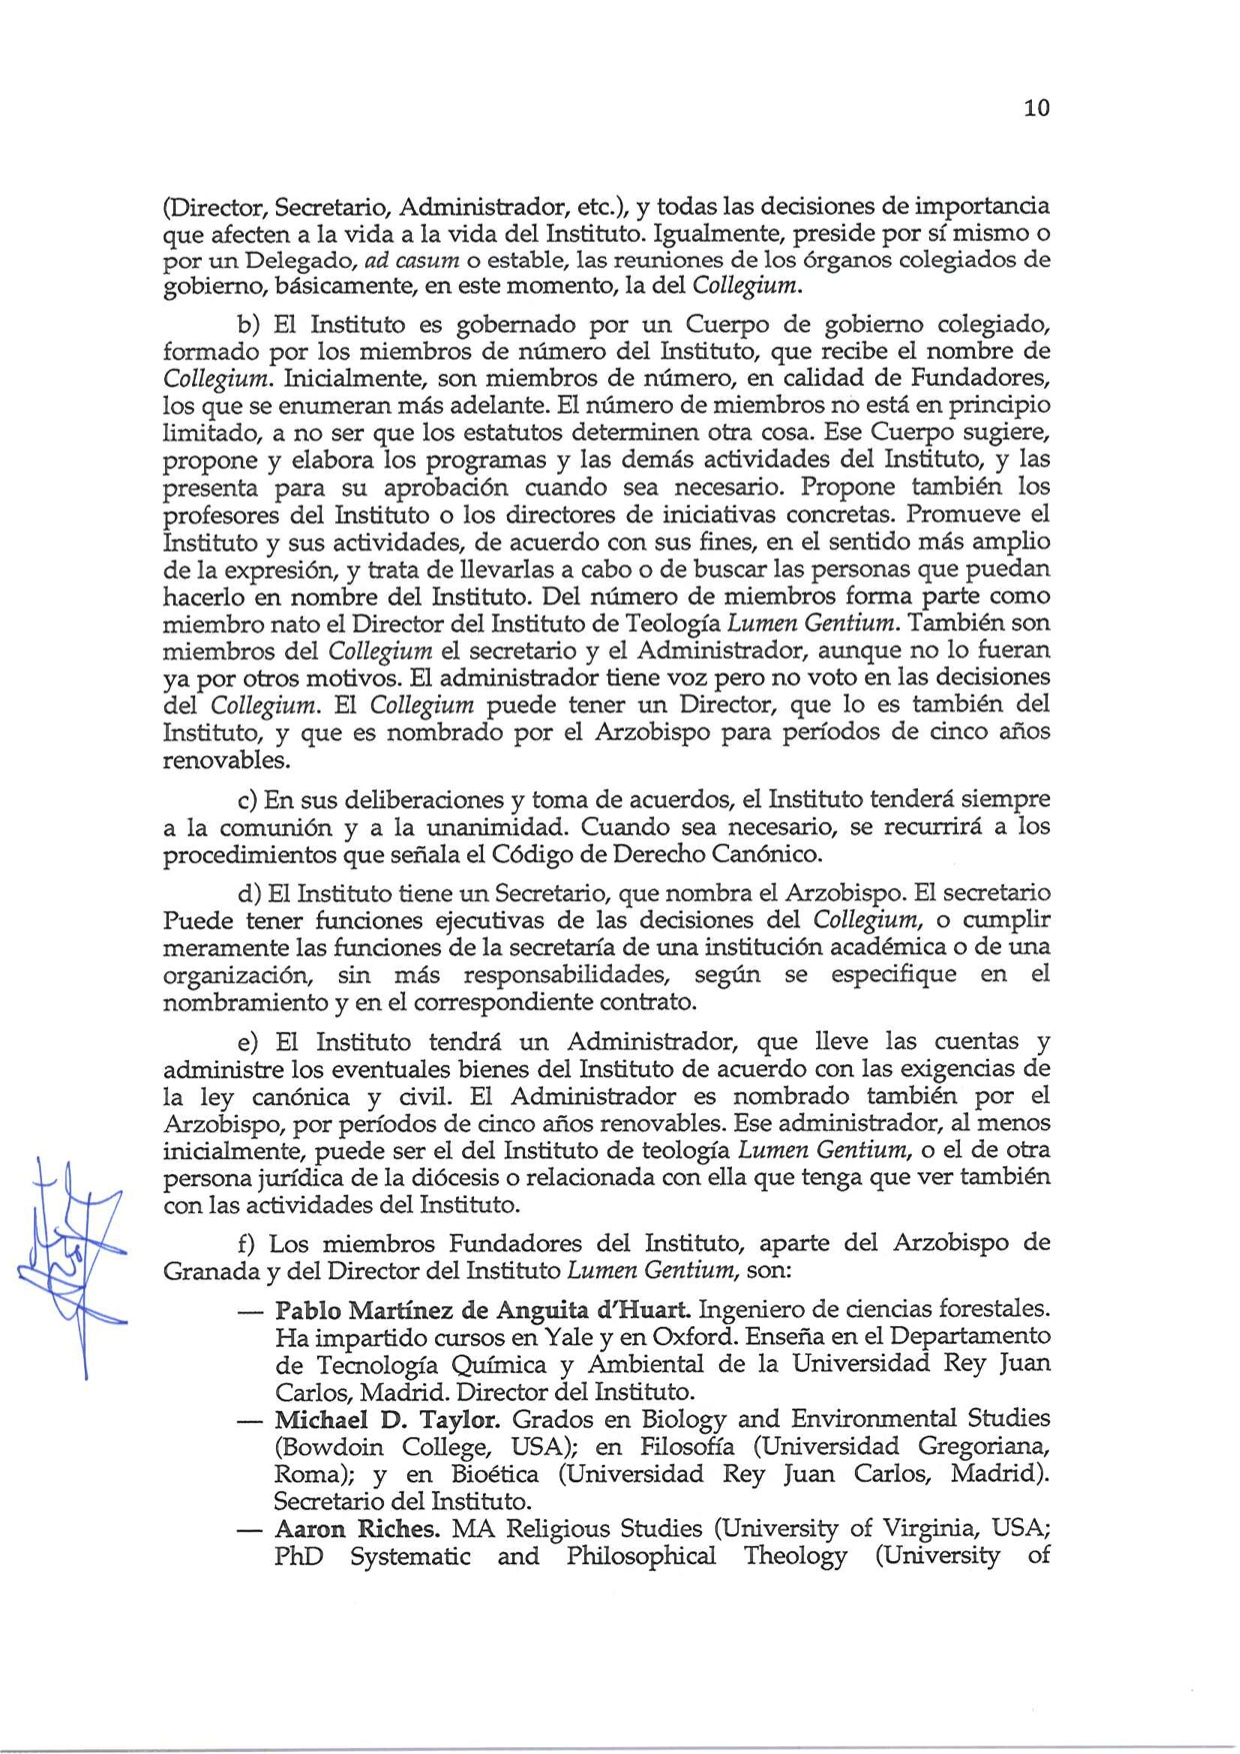 Decreto de Erección _Laudato Si_10